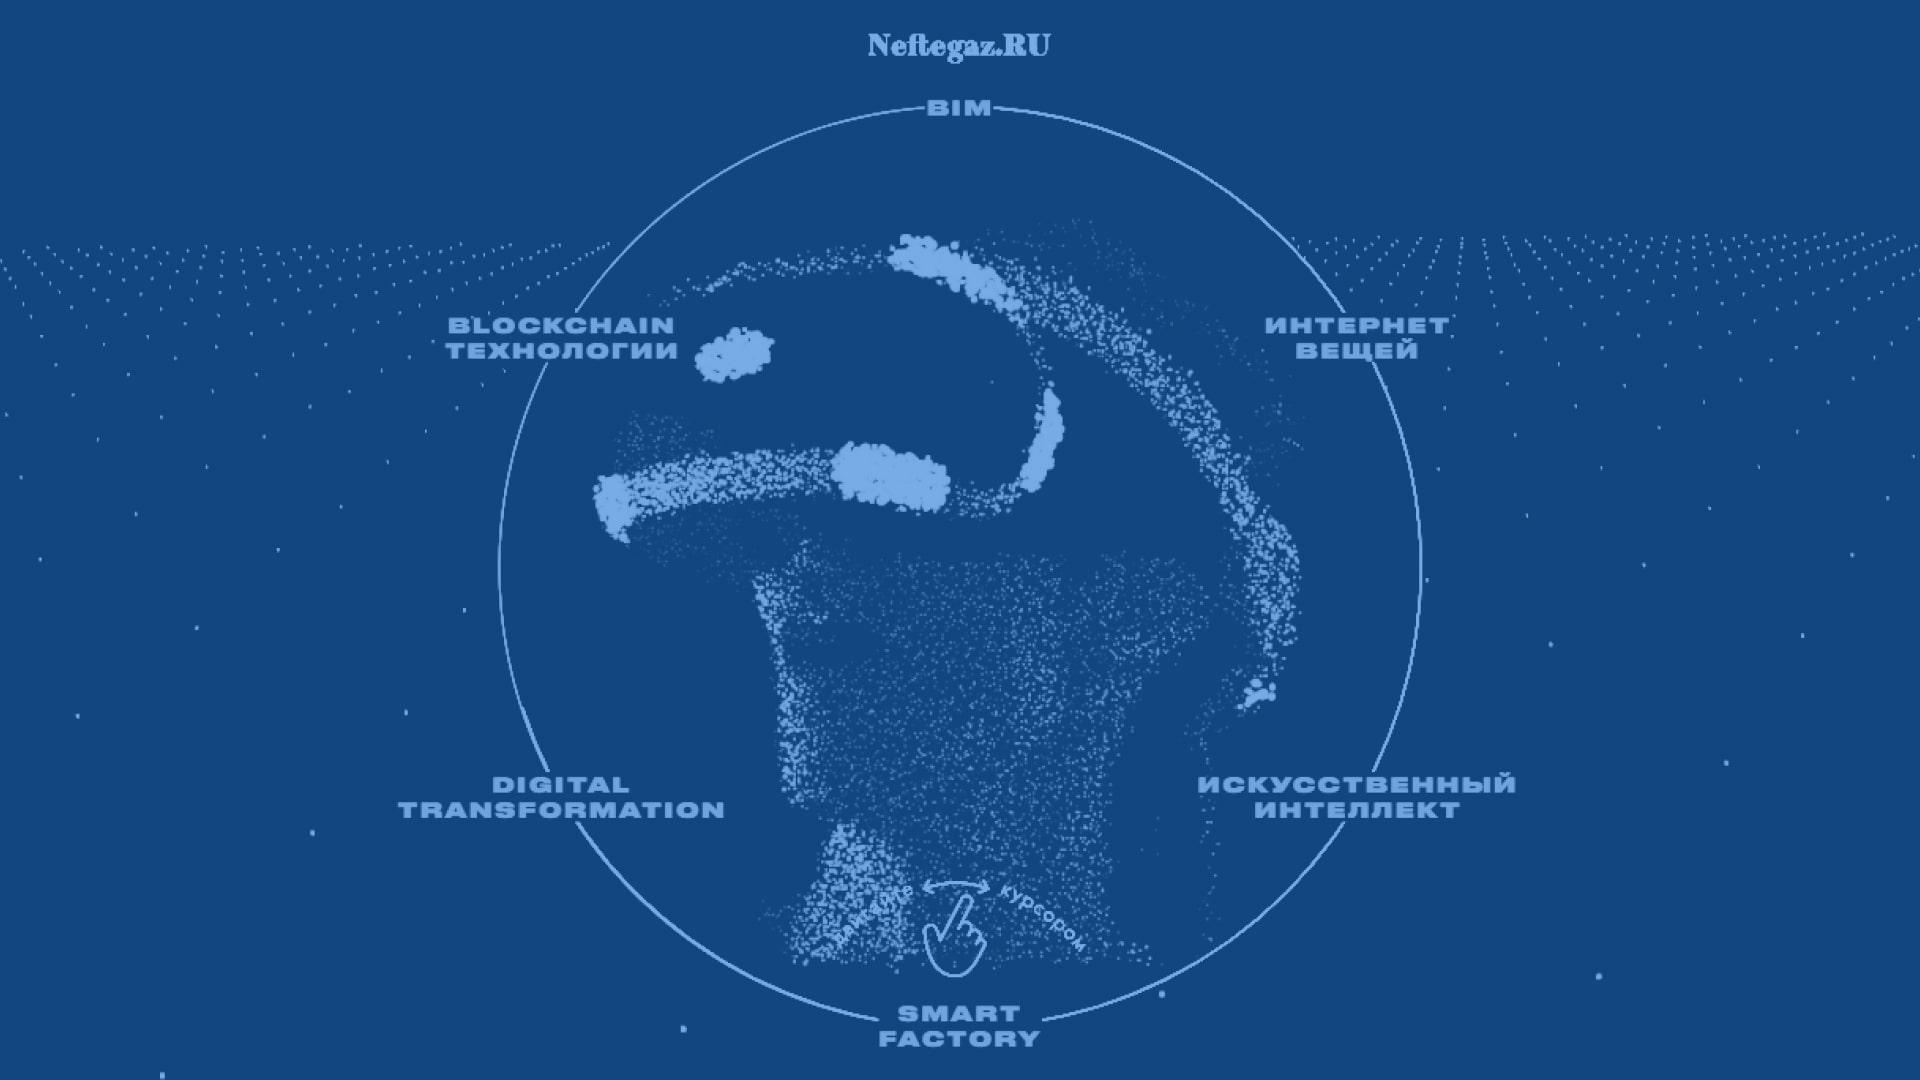 Вышел новый спецпроект Neftegaz.RU «Цифровизация Российского ТЭК. Взгляд в будущее: Индустрия 4.0»